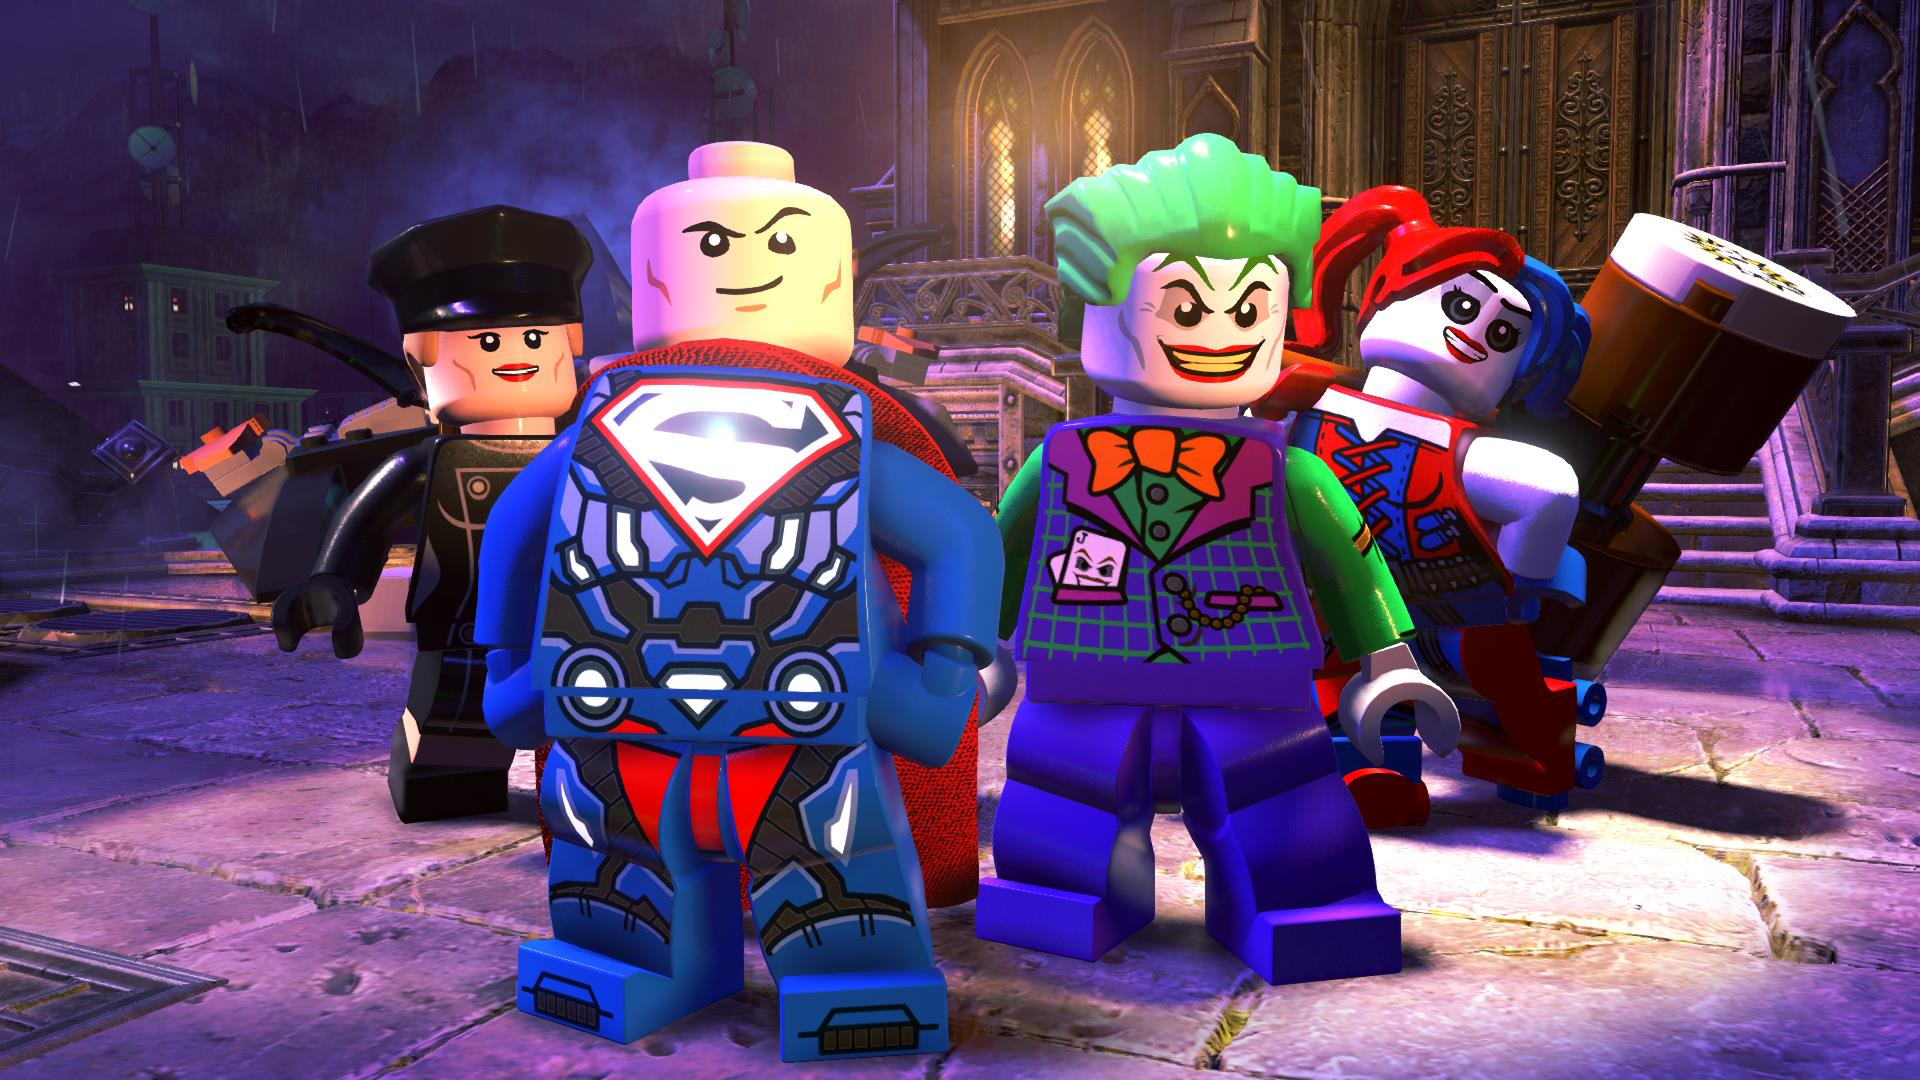 DC Super Villains obtiennent le traitement LEGO plus tard cette année